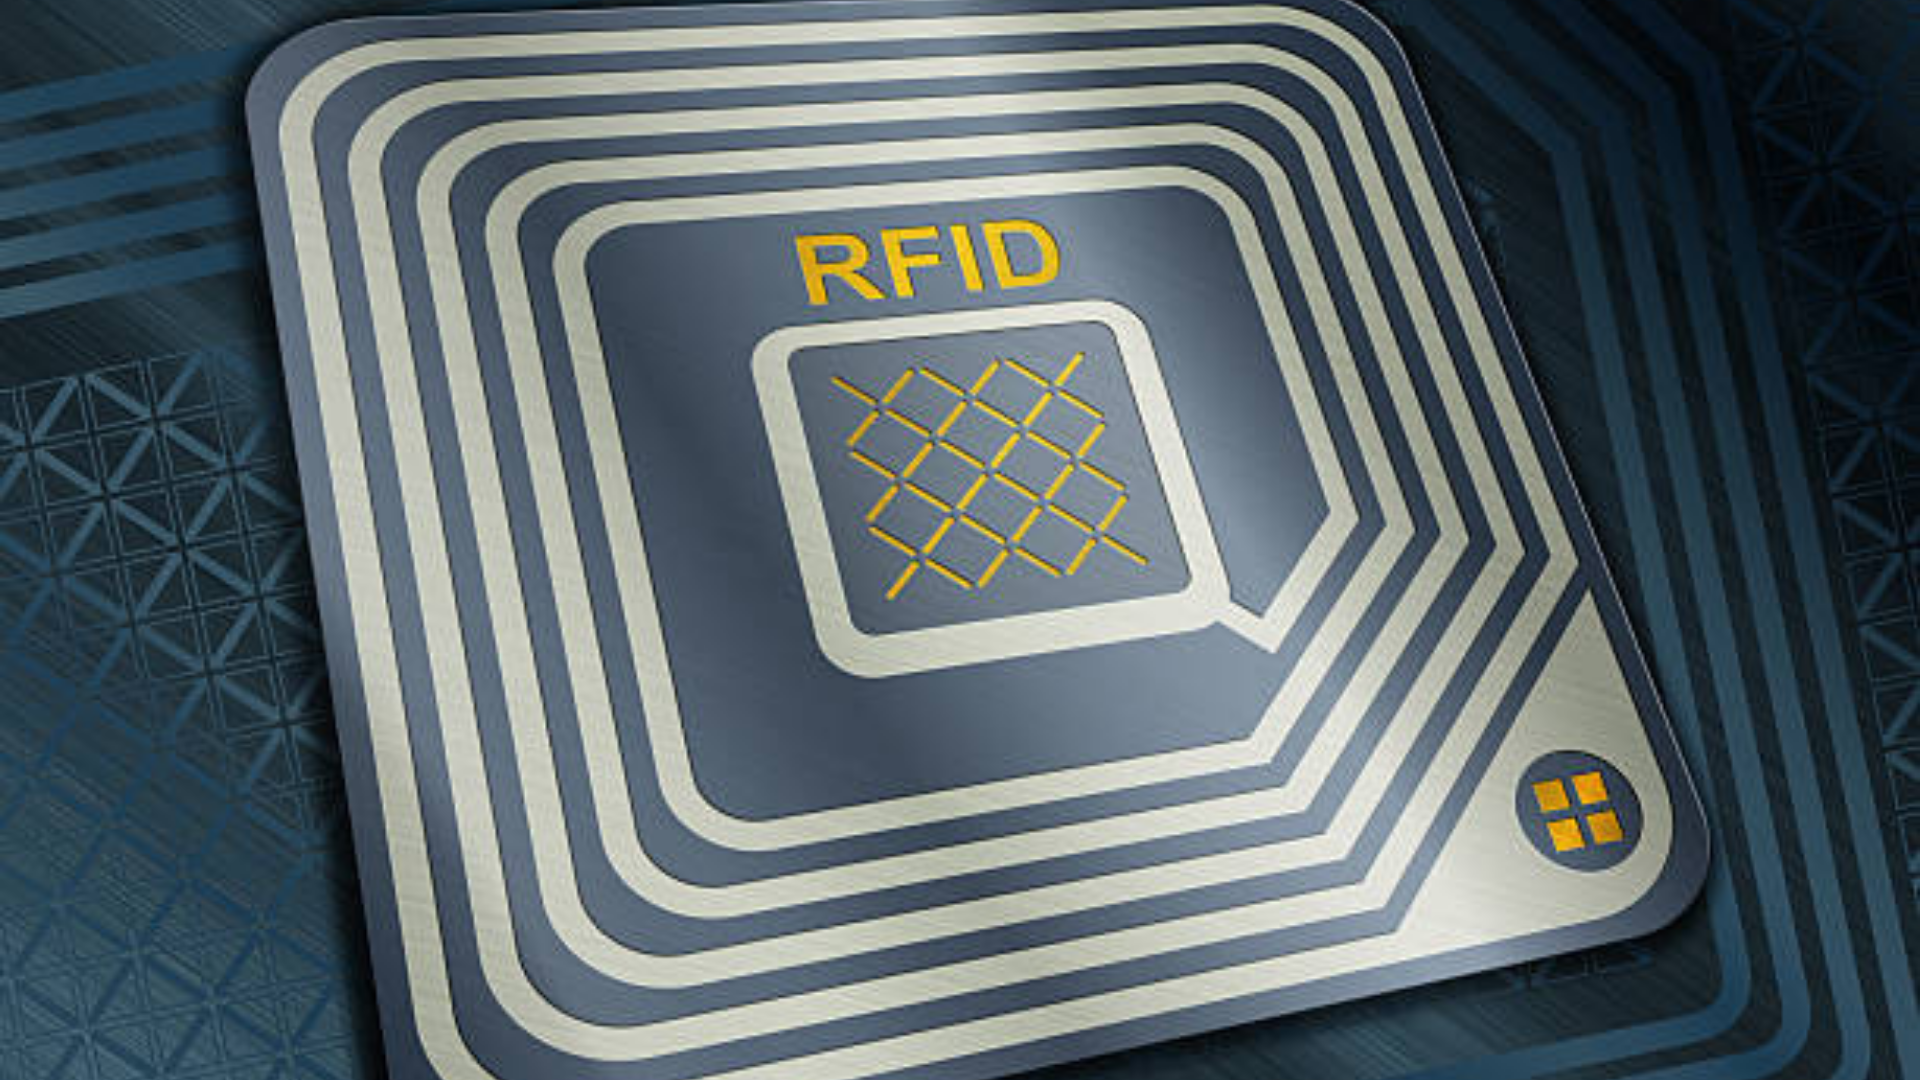 Cos'è una schermatura RFID e a cosa serve?